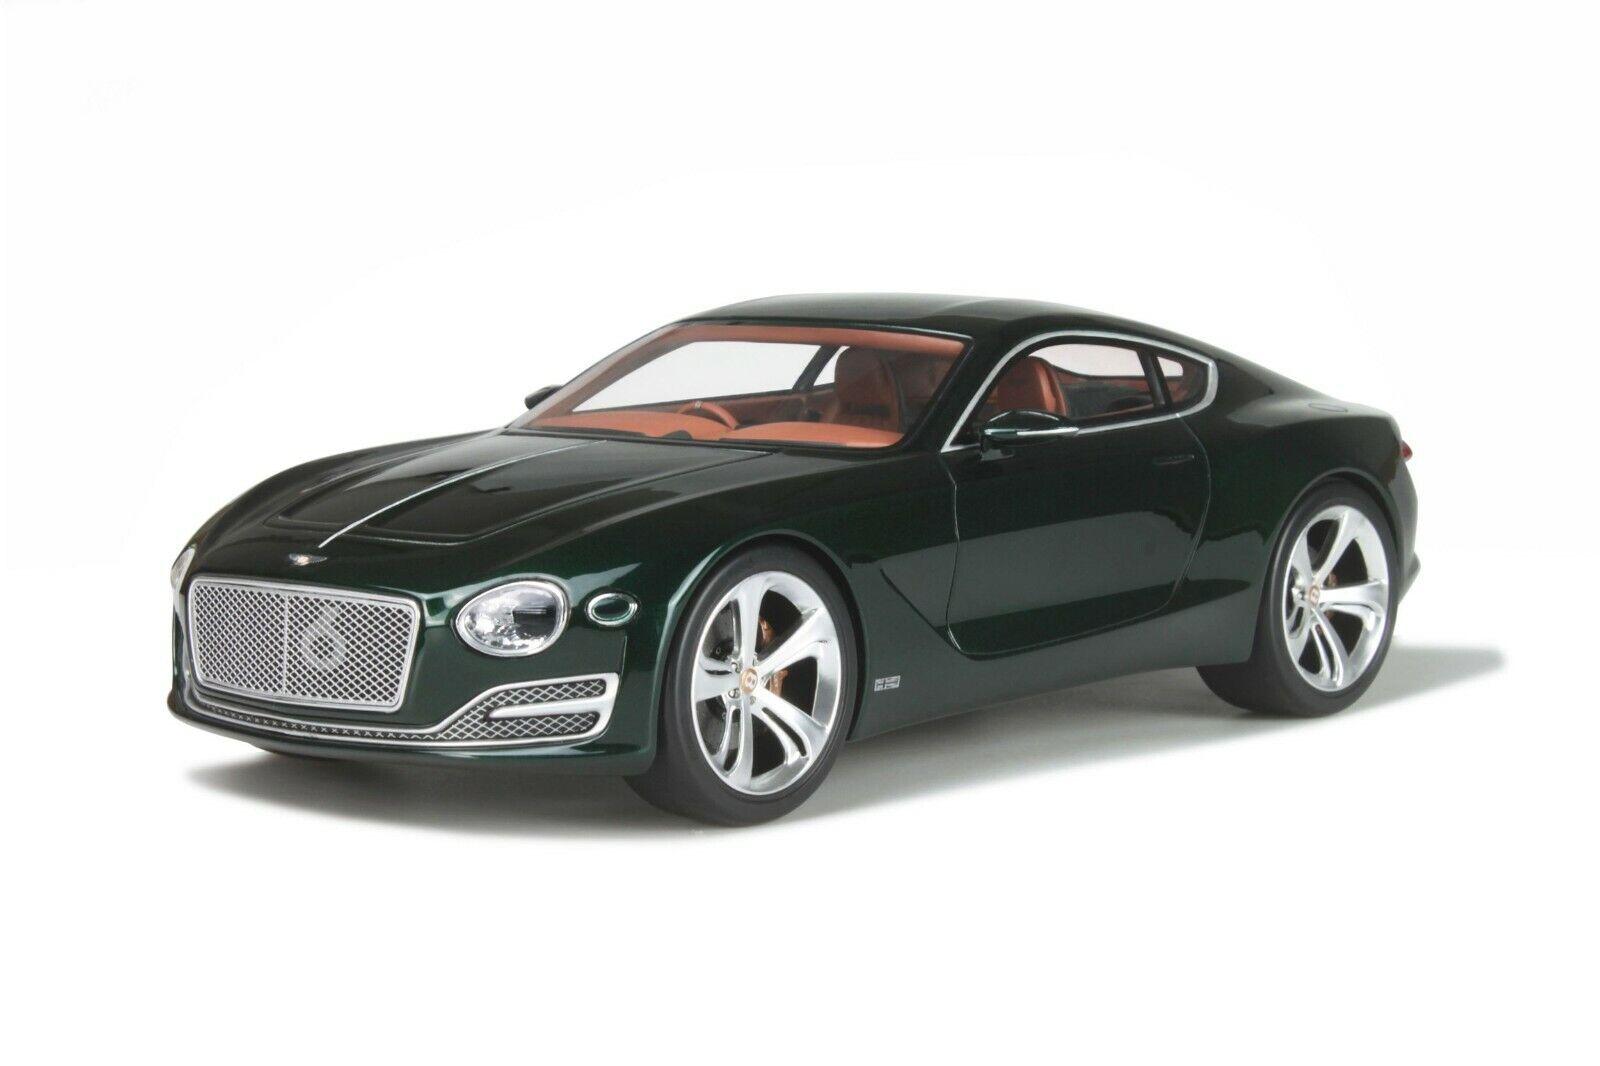 1 18 GT Spirit Bentley Exp 10 Speed 6 (Metallic verde) - New in box